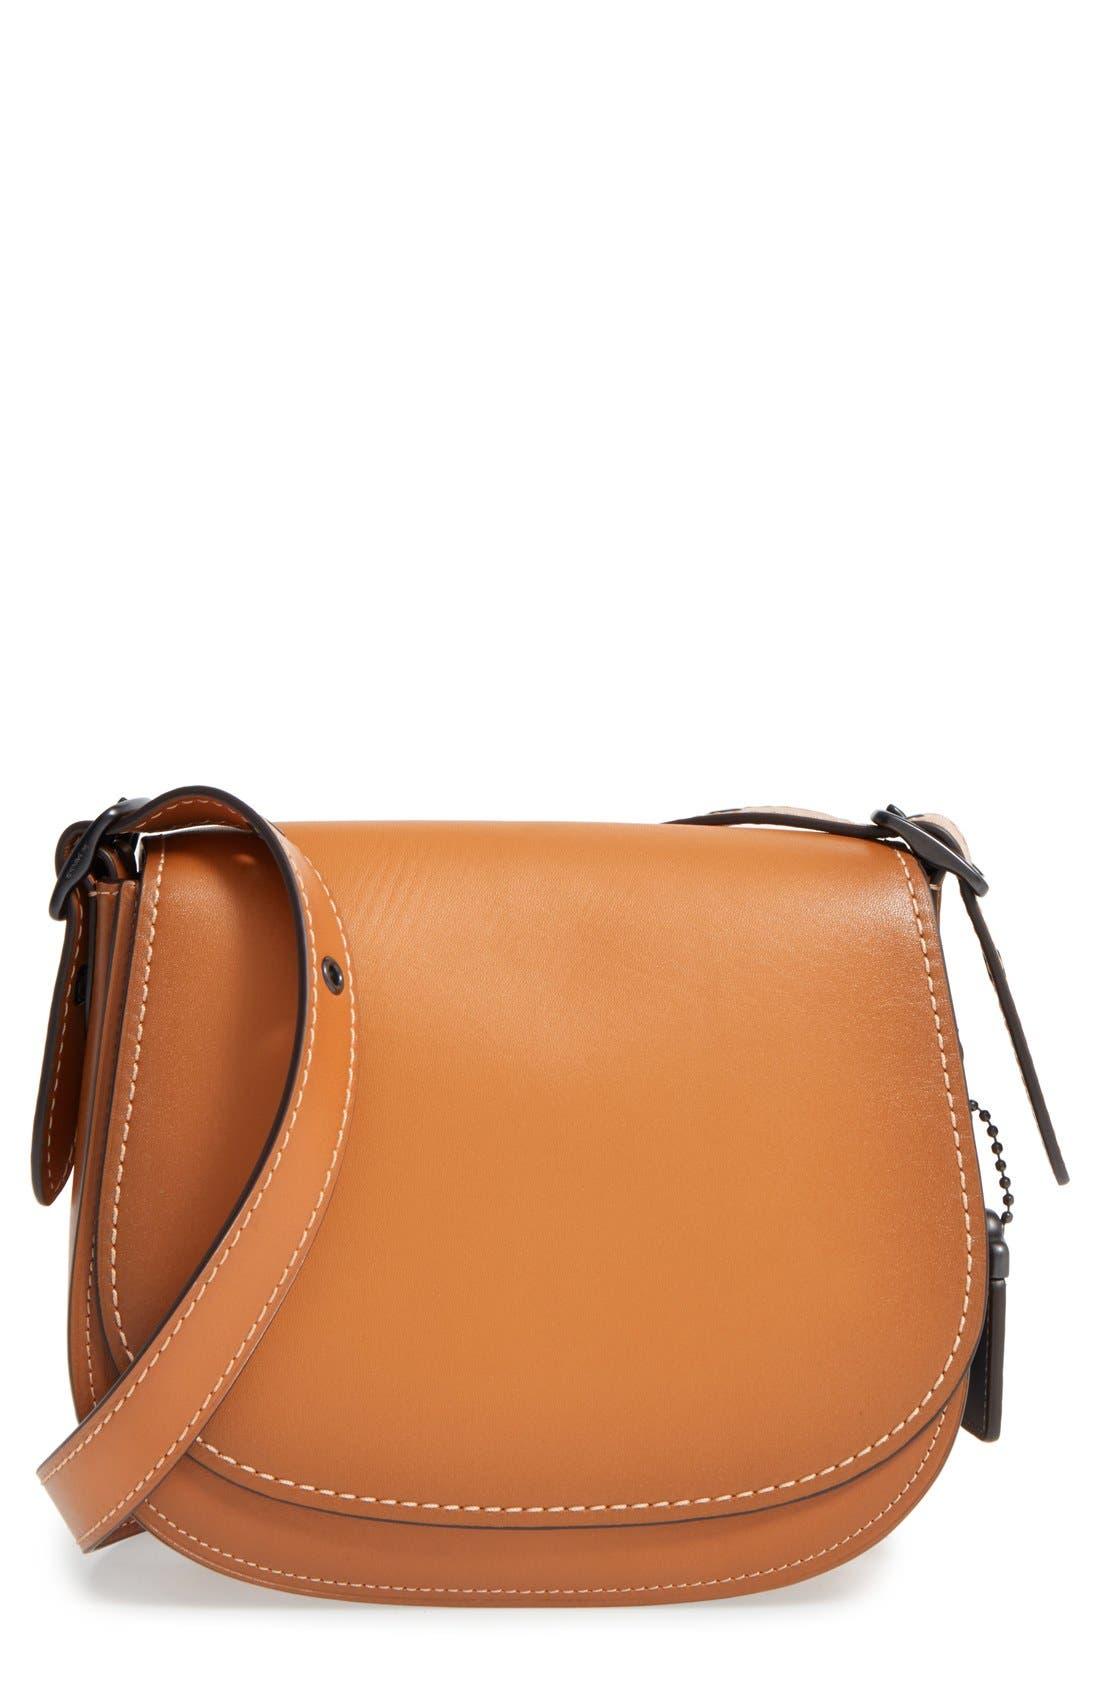 '23' Leather Saddle Bag,                         Main,                         color, Butterscotch